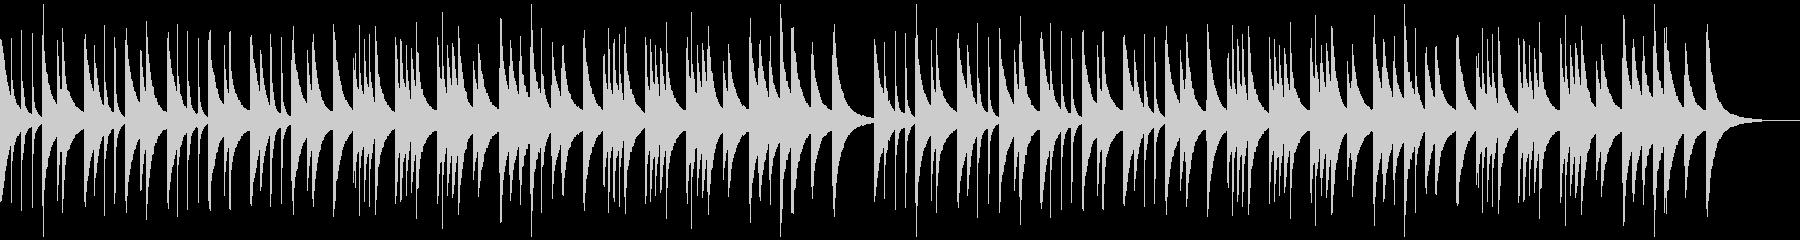 定番Xmasキャロルのオルゴールアレンジの未再生の波形